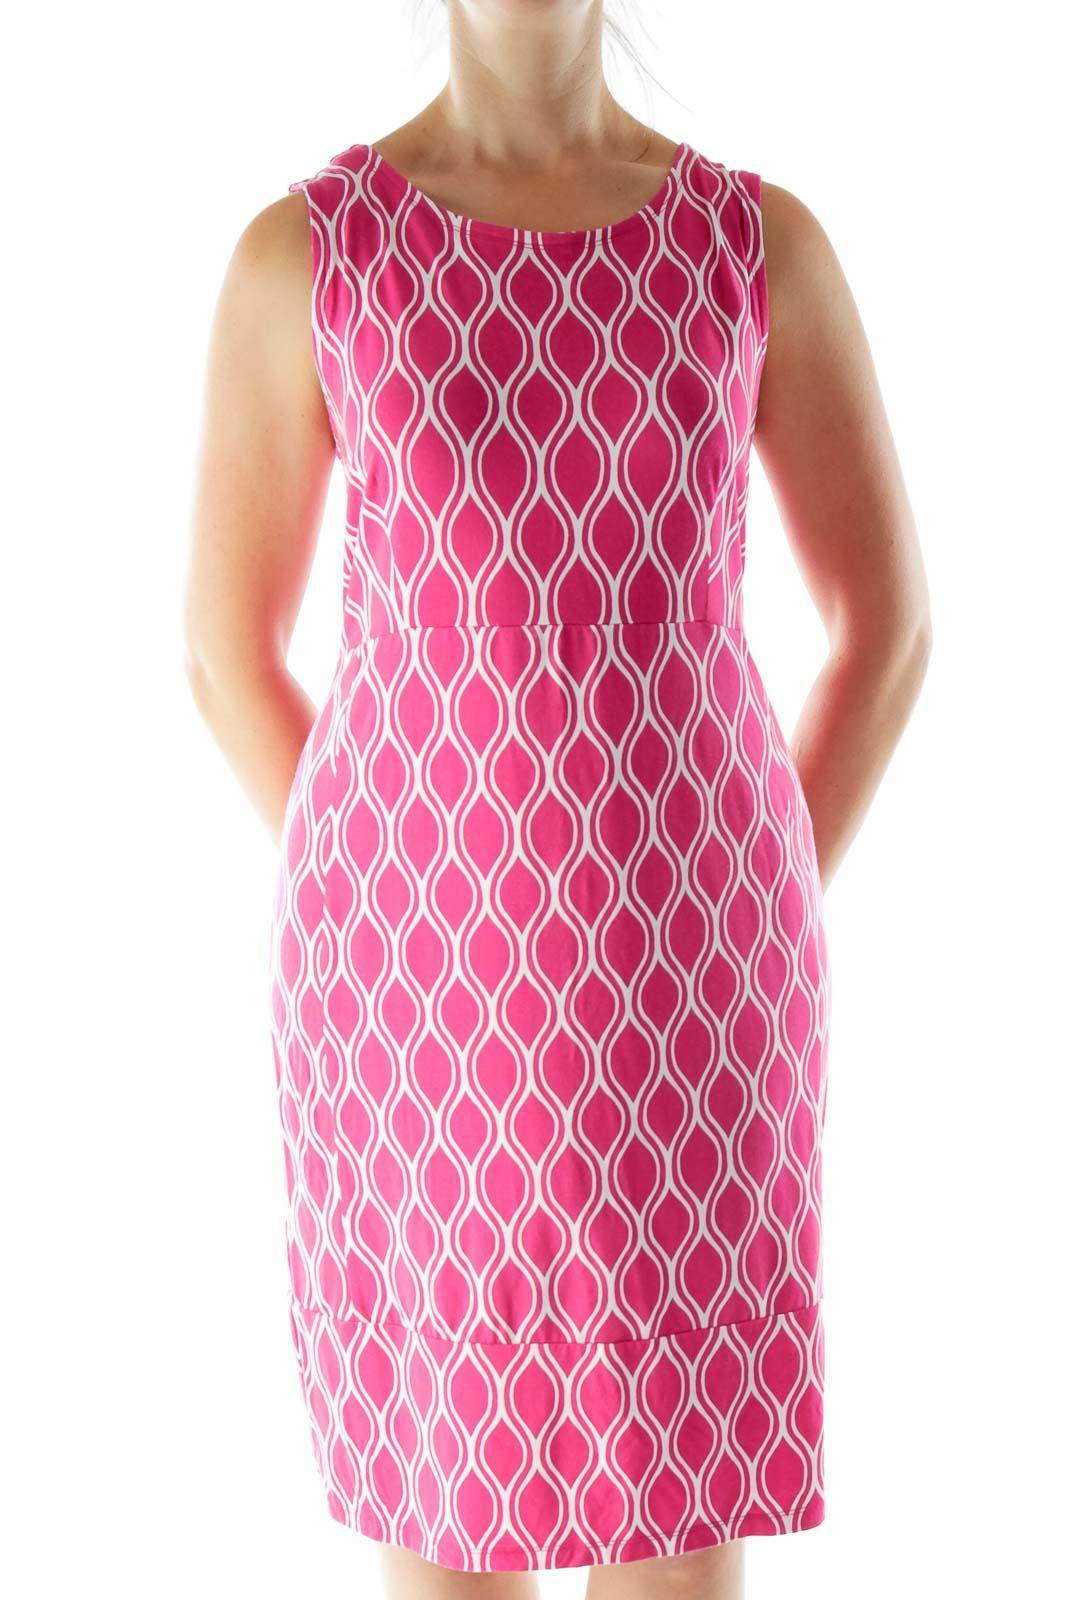 Hot Pink Print Jersey Dress